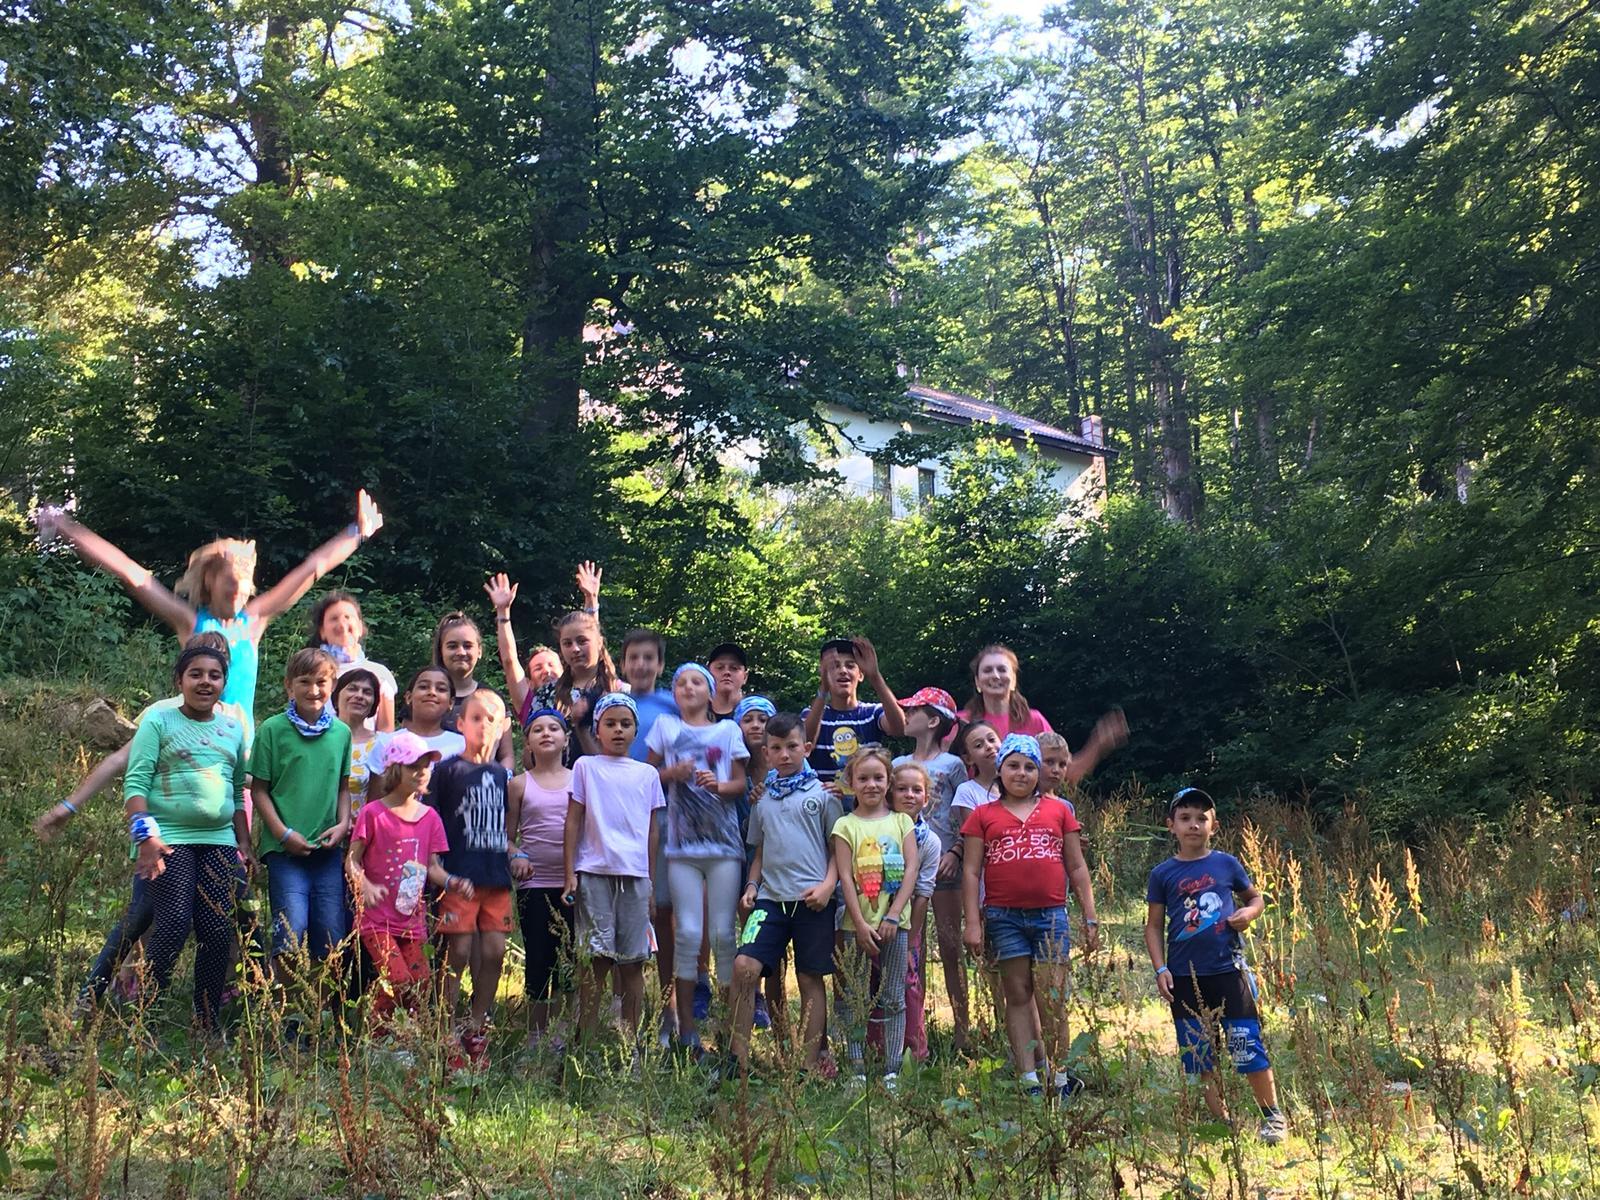 Cinci zile de vis pentru 13 copii care au participat într-o tabără de aventură sprijiniți de Asociația Avanti